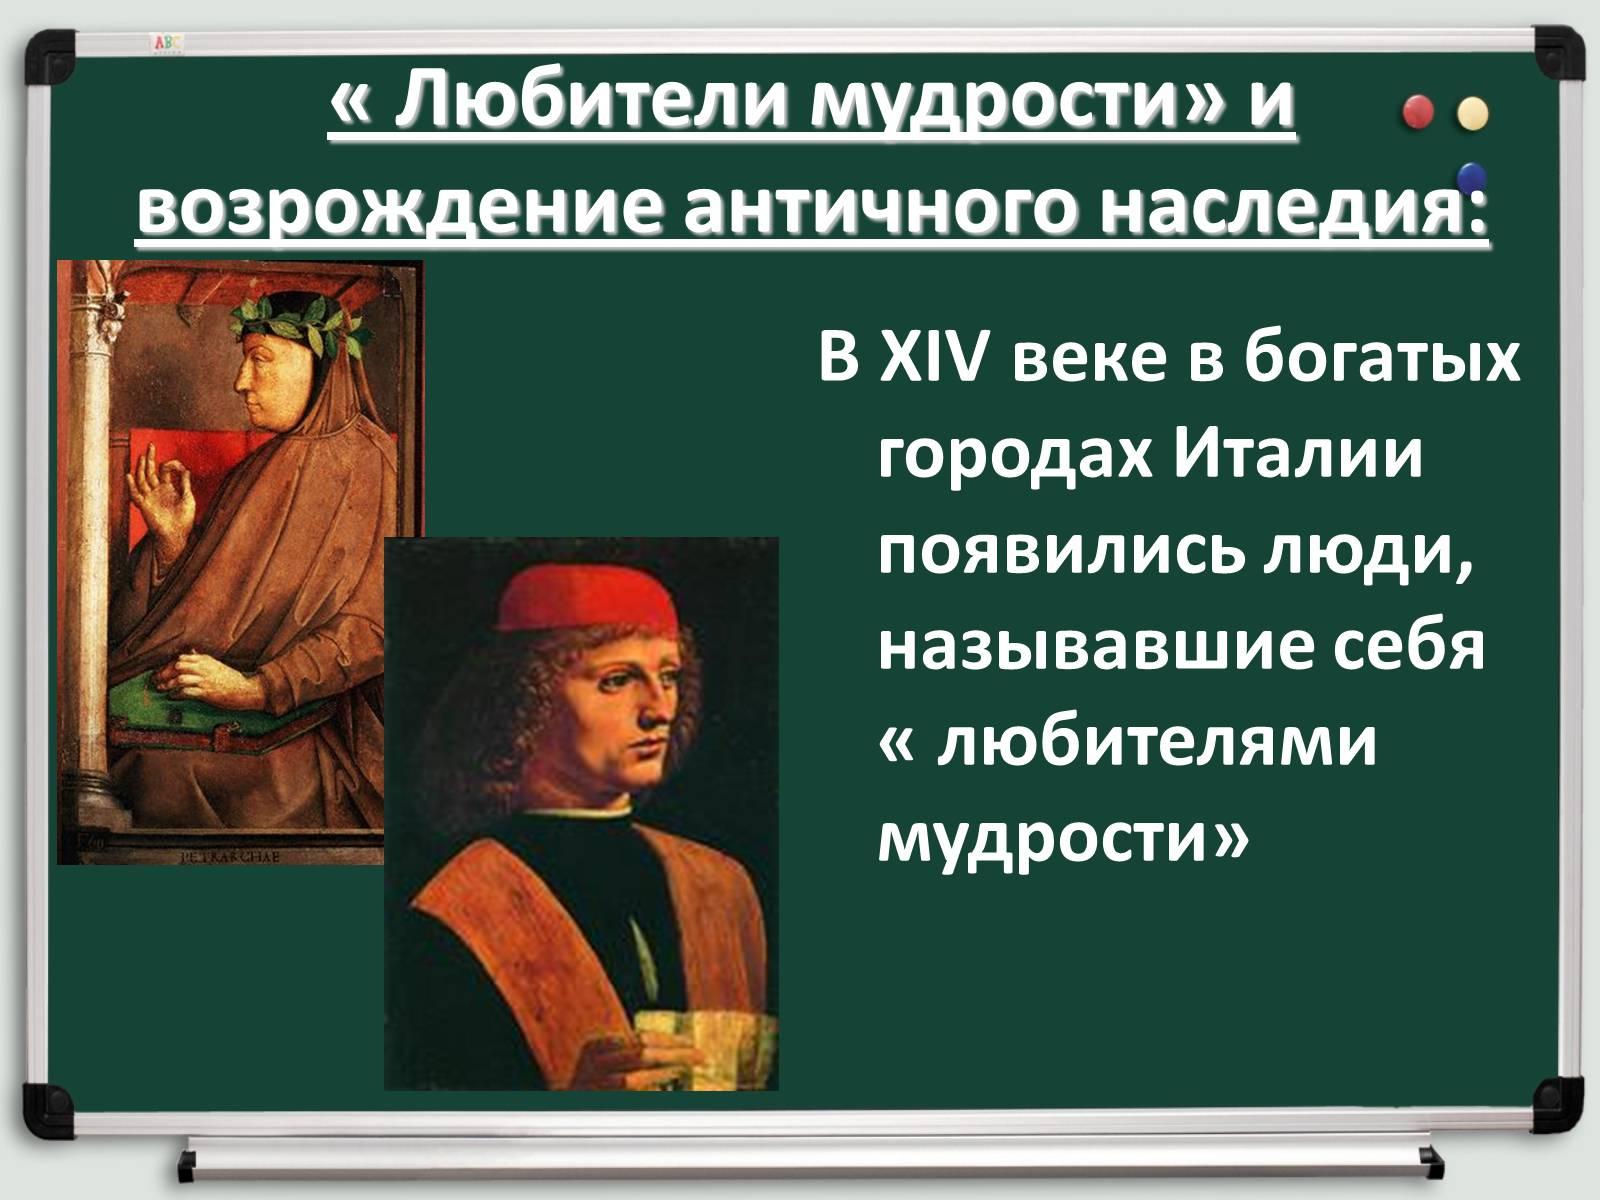 Что было характерно для педагогической мысли эпохи возрождения